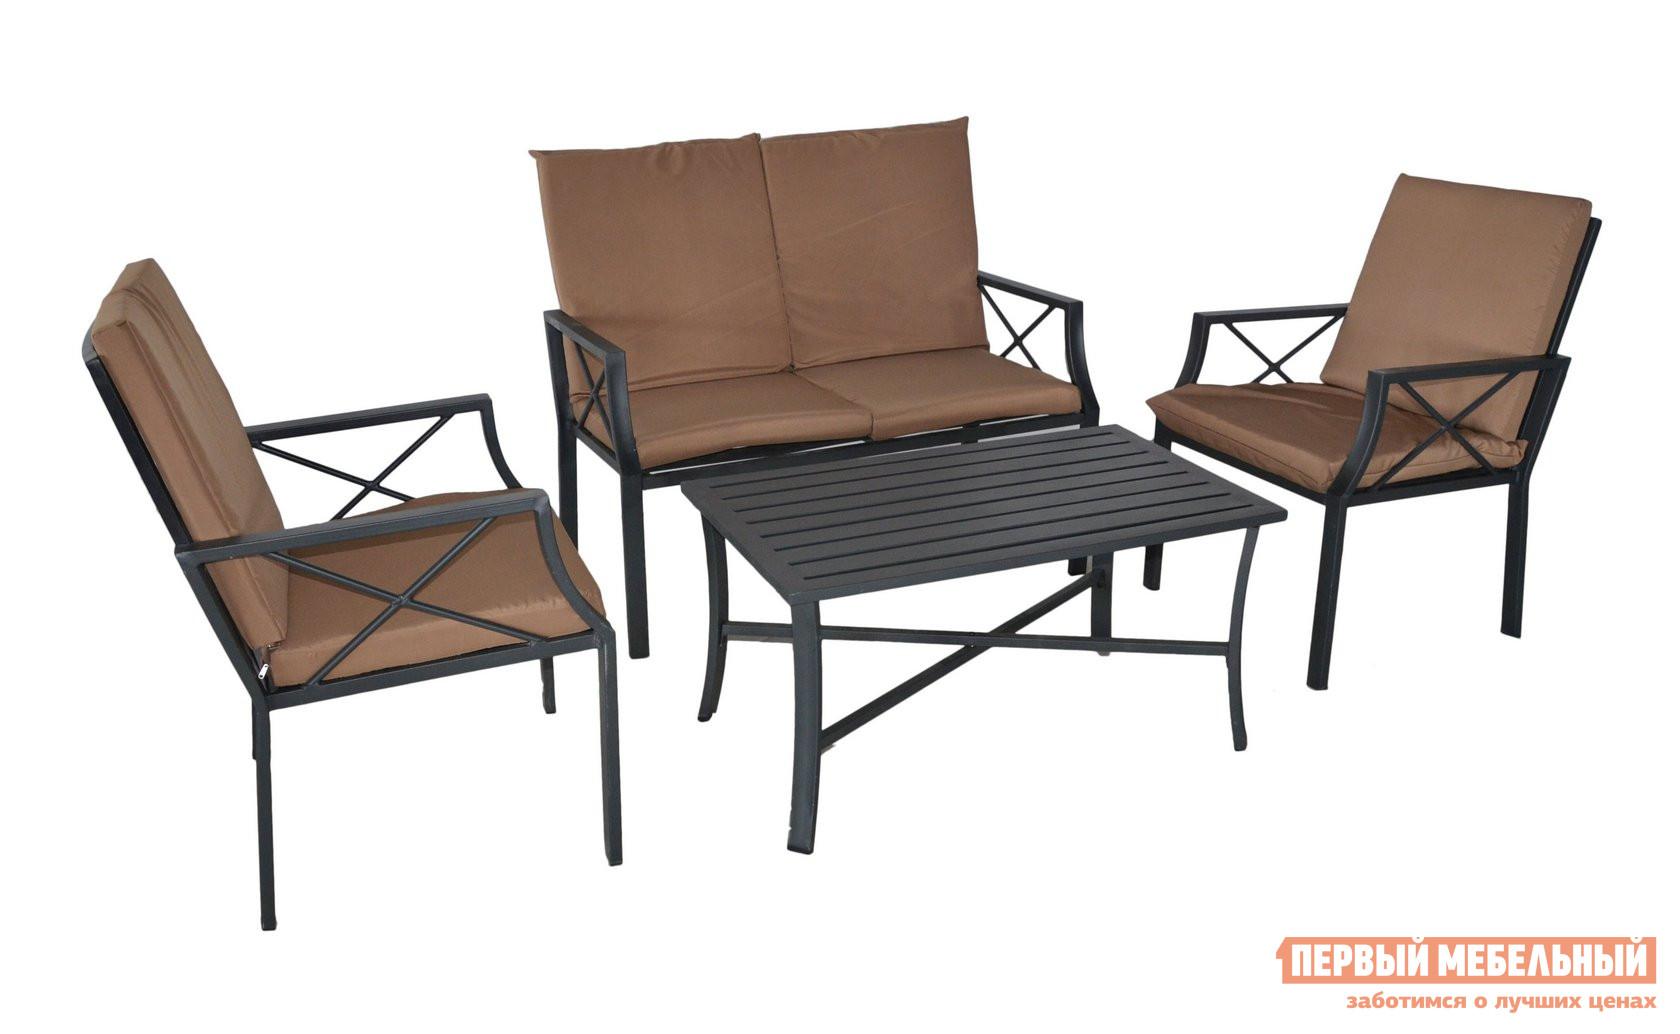 Комплект садовой мебели из металла Kvimol КМ-0313 комплект садовой мебели 4 1 t285a y 292a